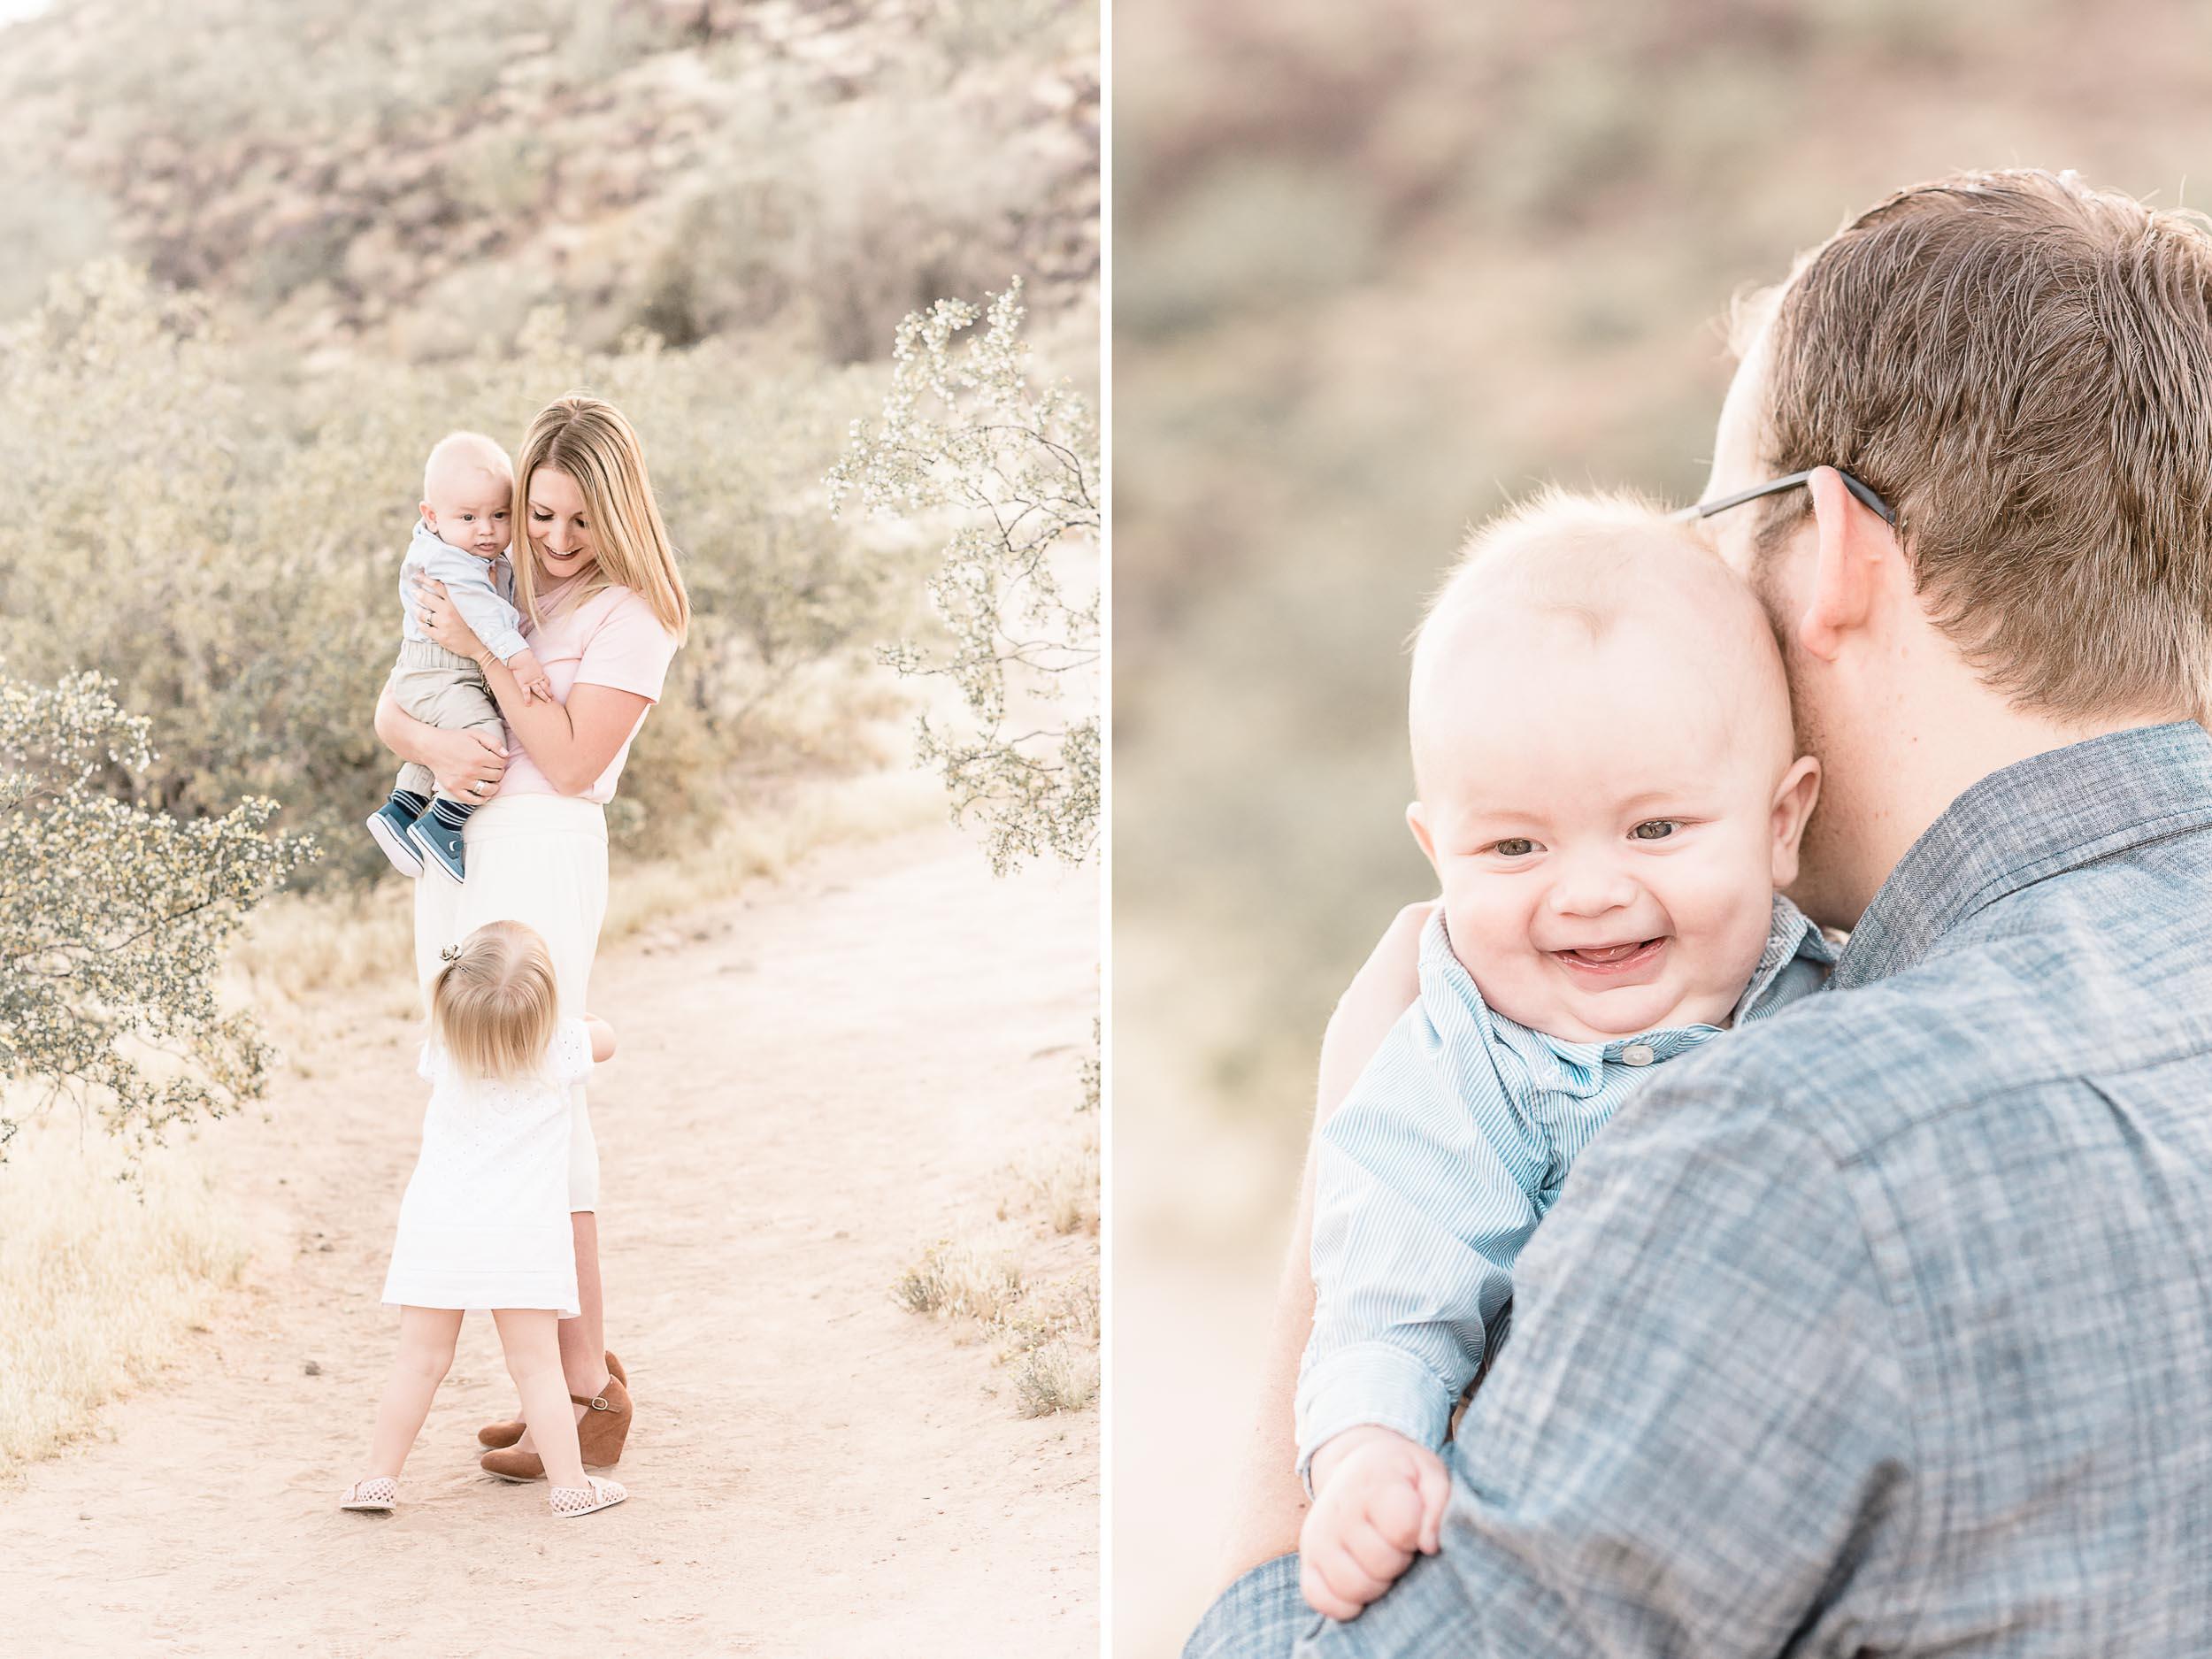 RachaelLaynePhotography_SCfamilyphotographer05-2.jpg